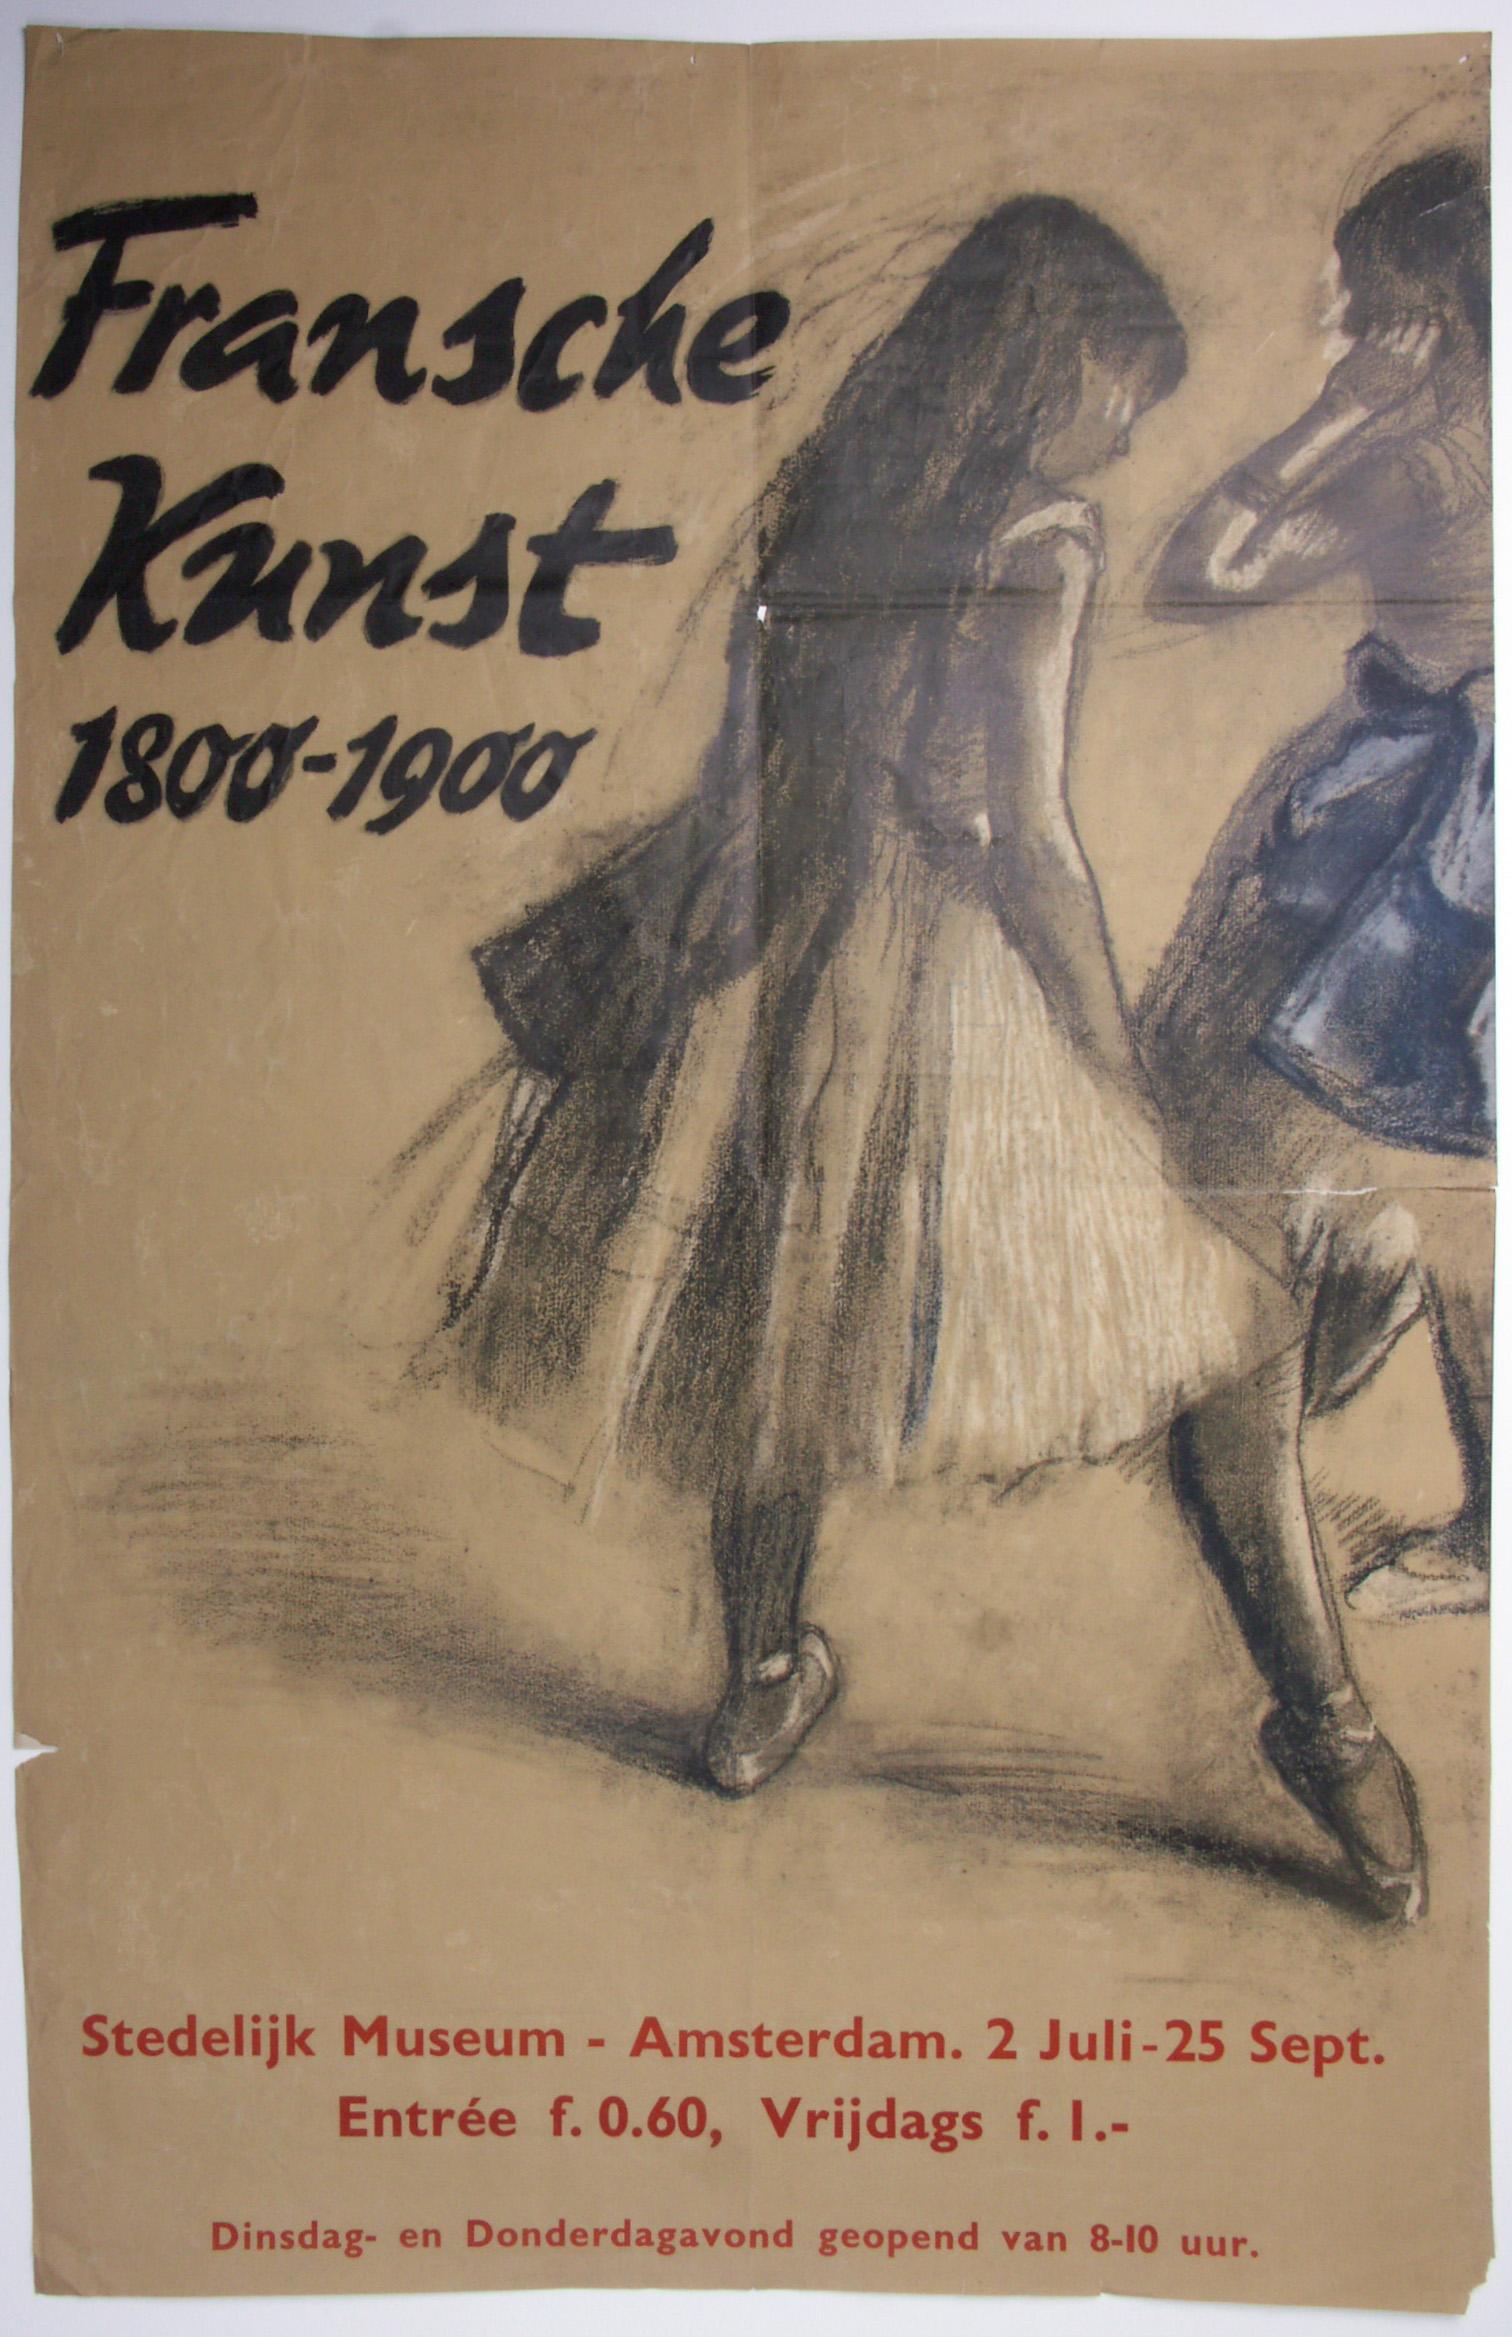 Fransche kunst 1800-1900